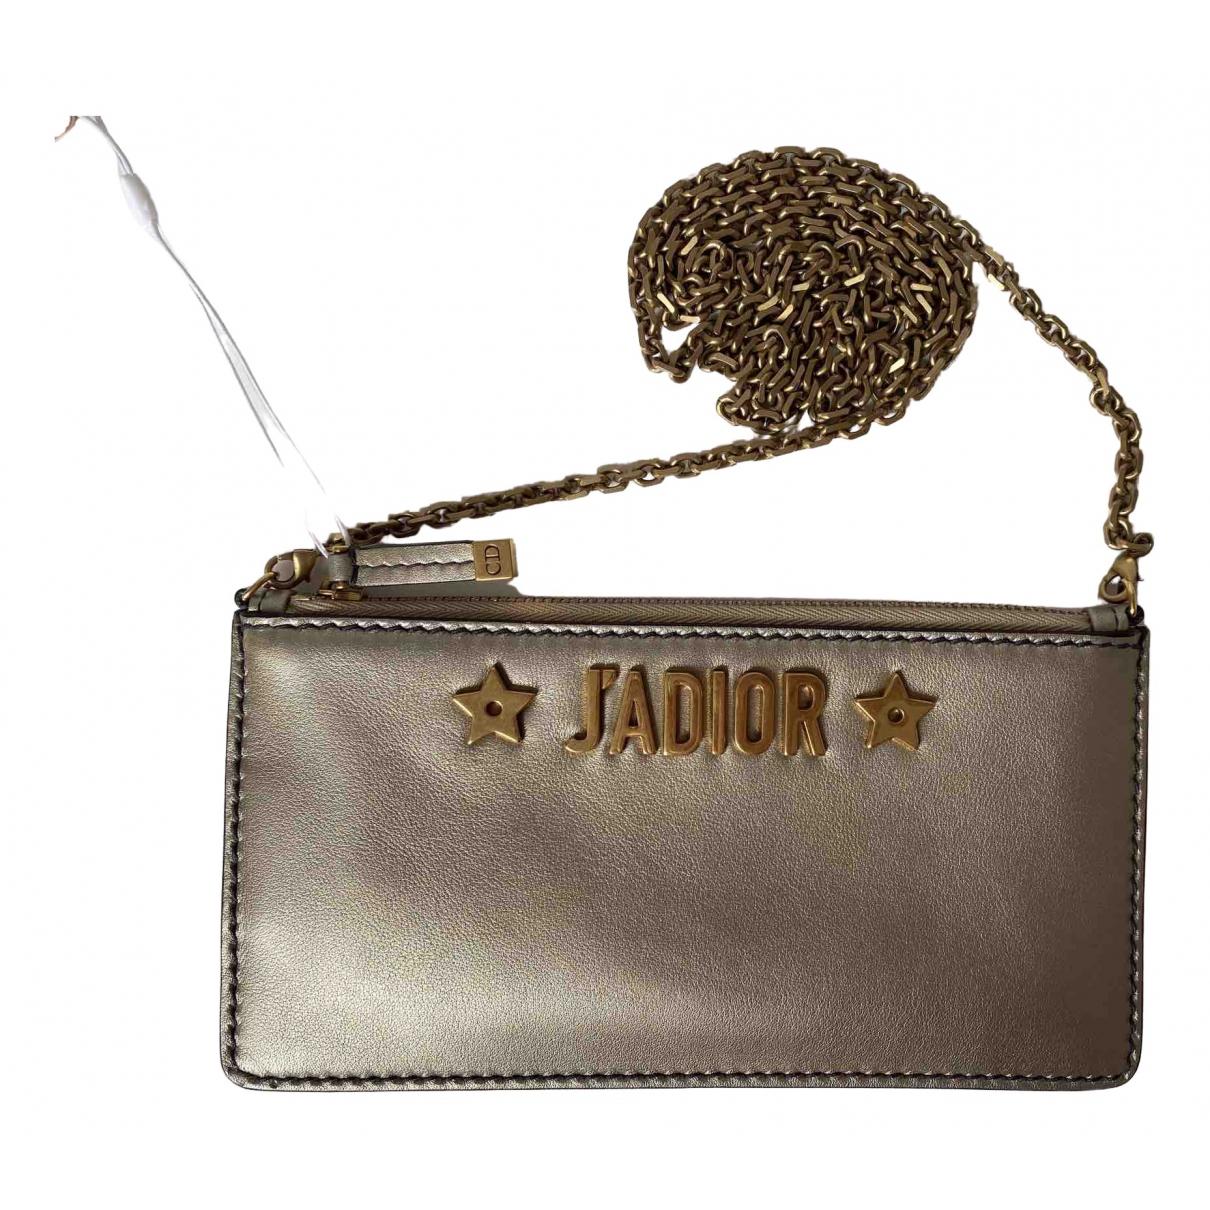 Dior Jadior Clutch in  Gold Leder